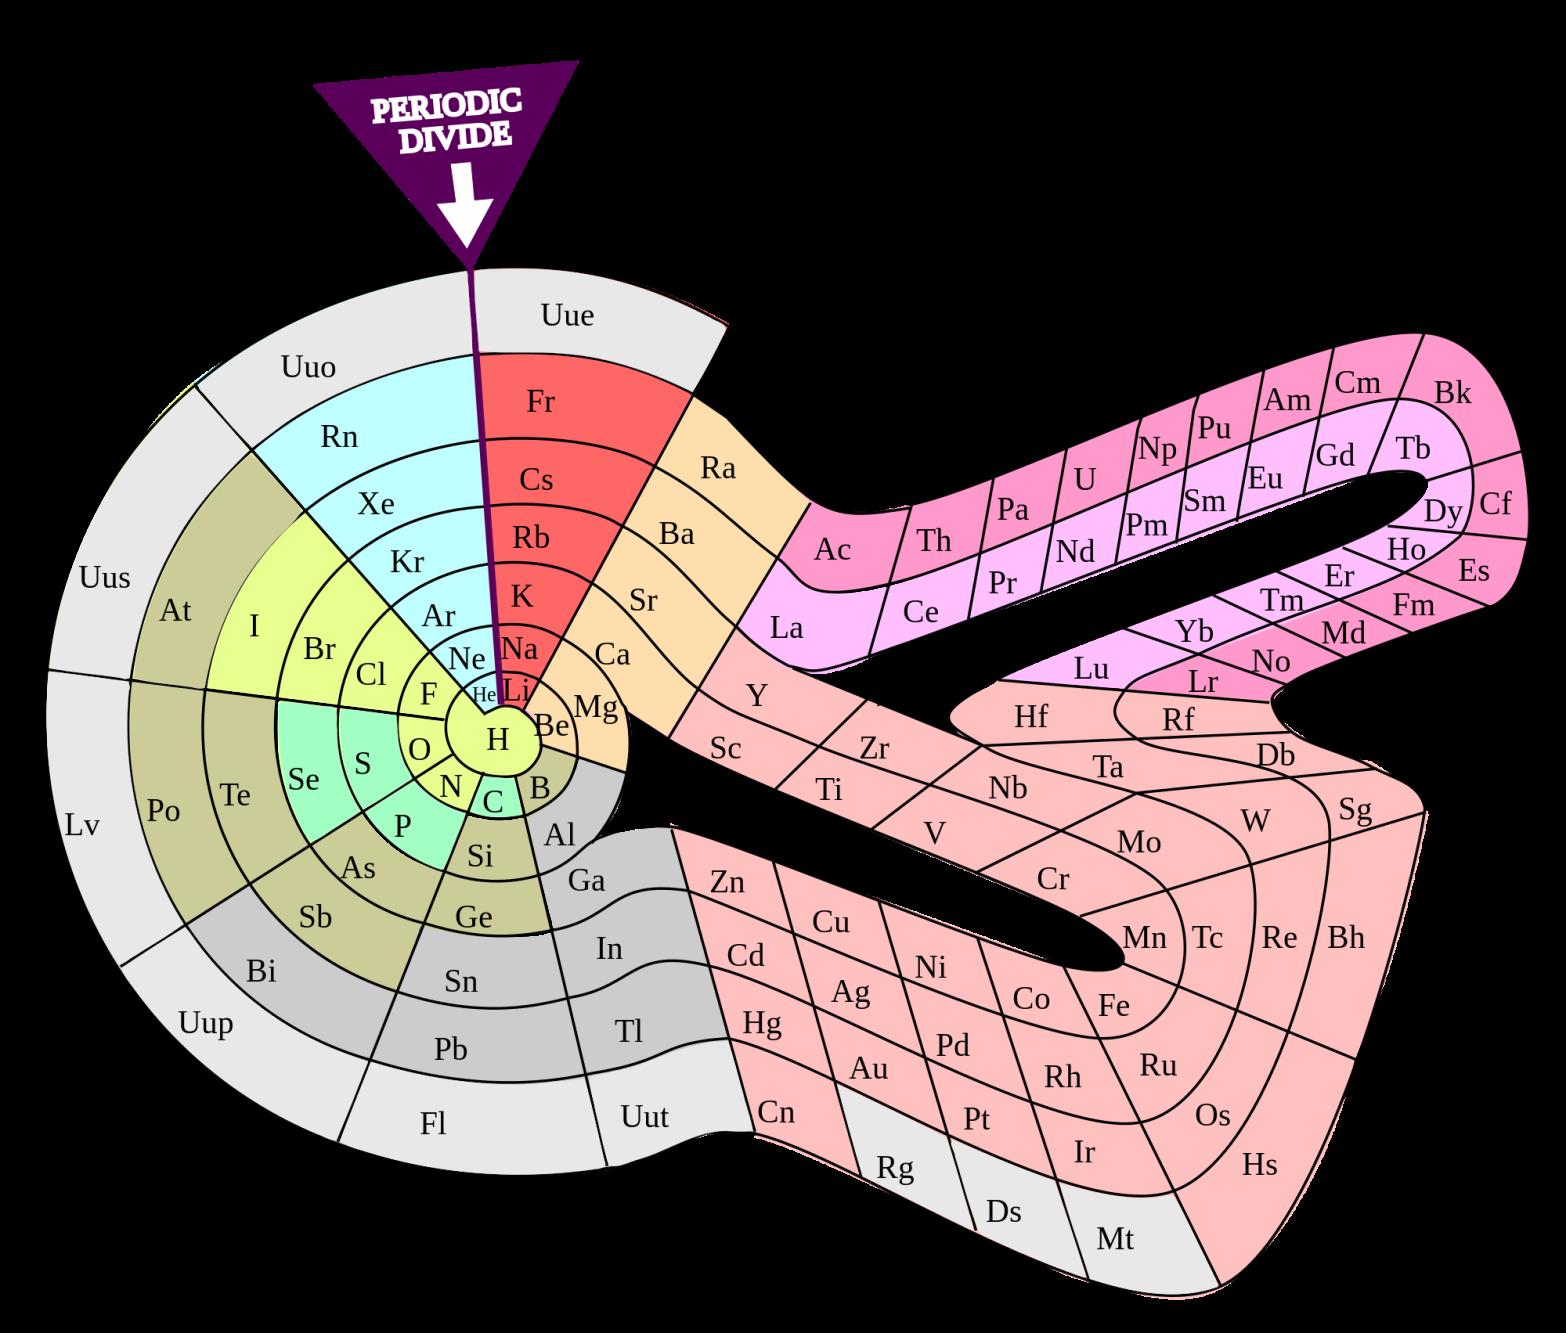 Ciencias de joseleg 5 otras versiones de la tabla periodica y sus 54 tabla larga urtaz Image collections